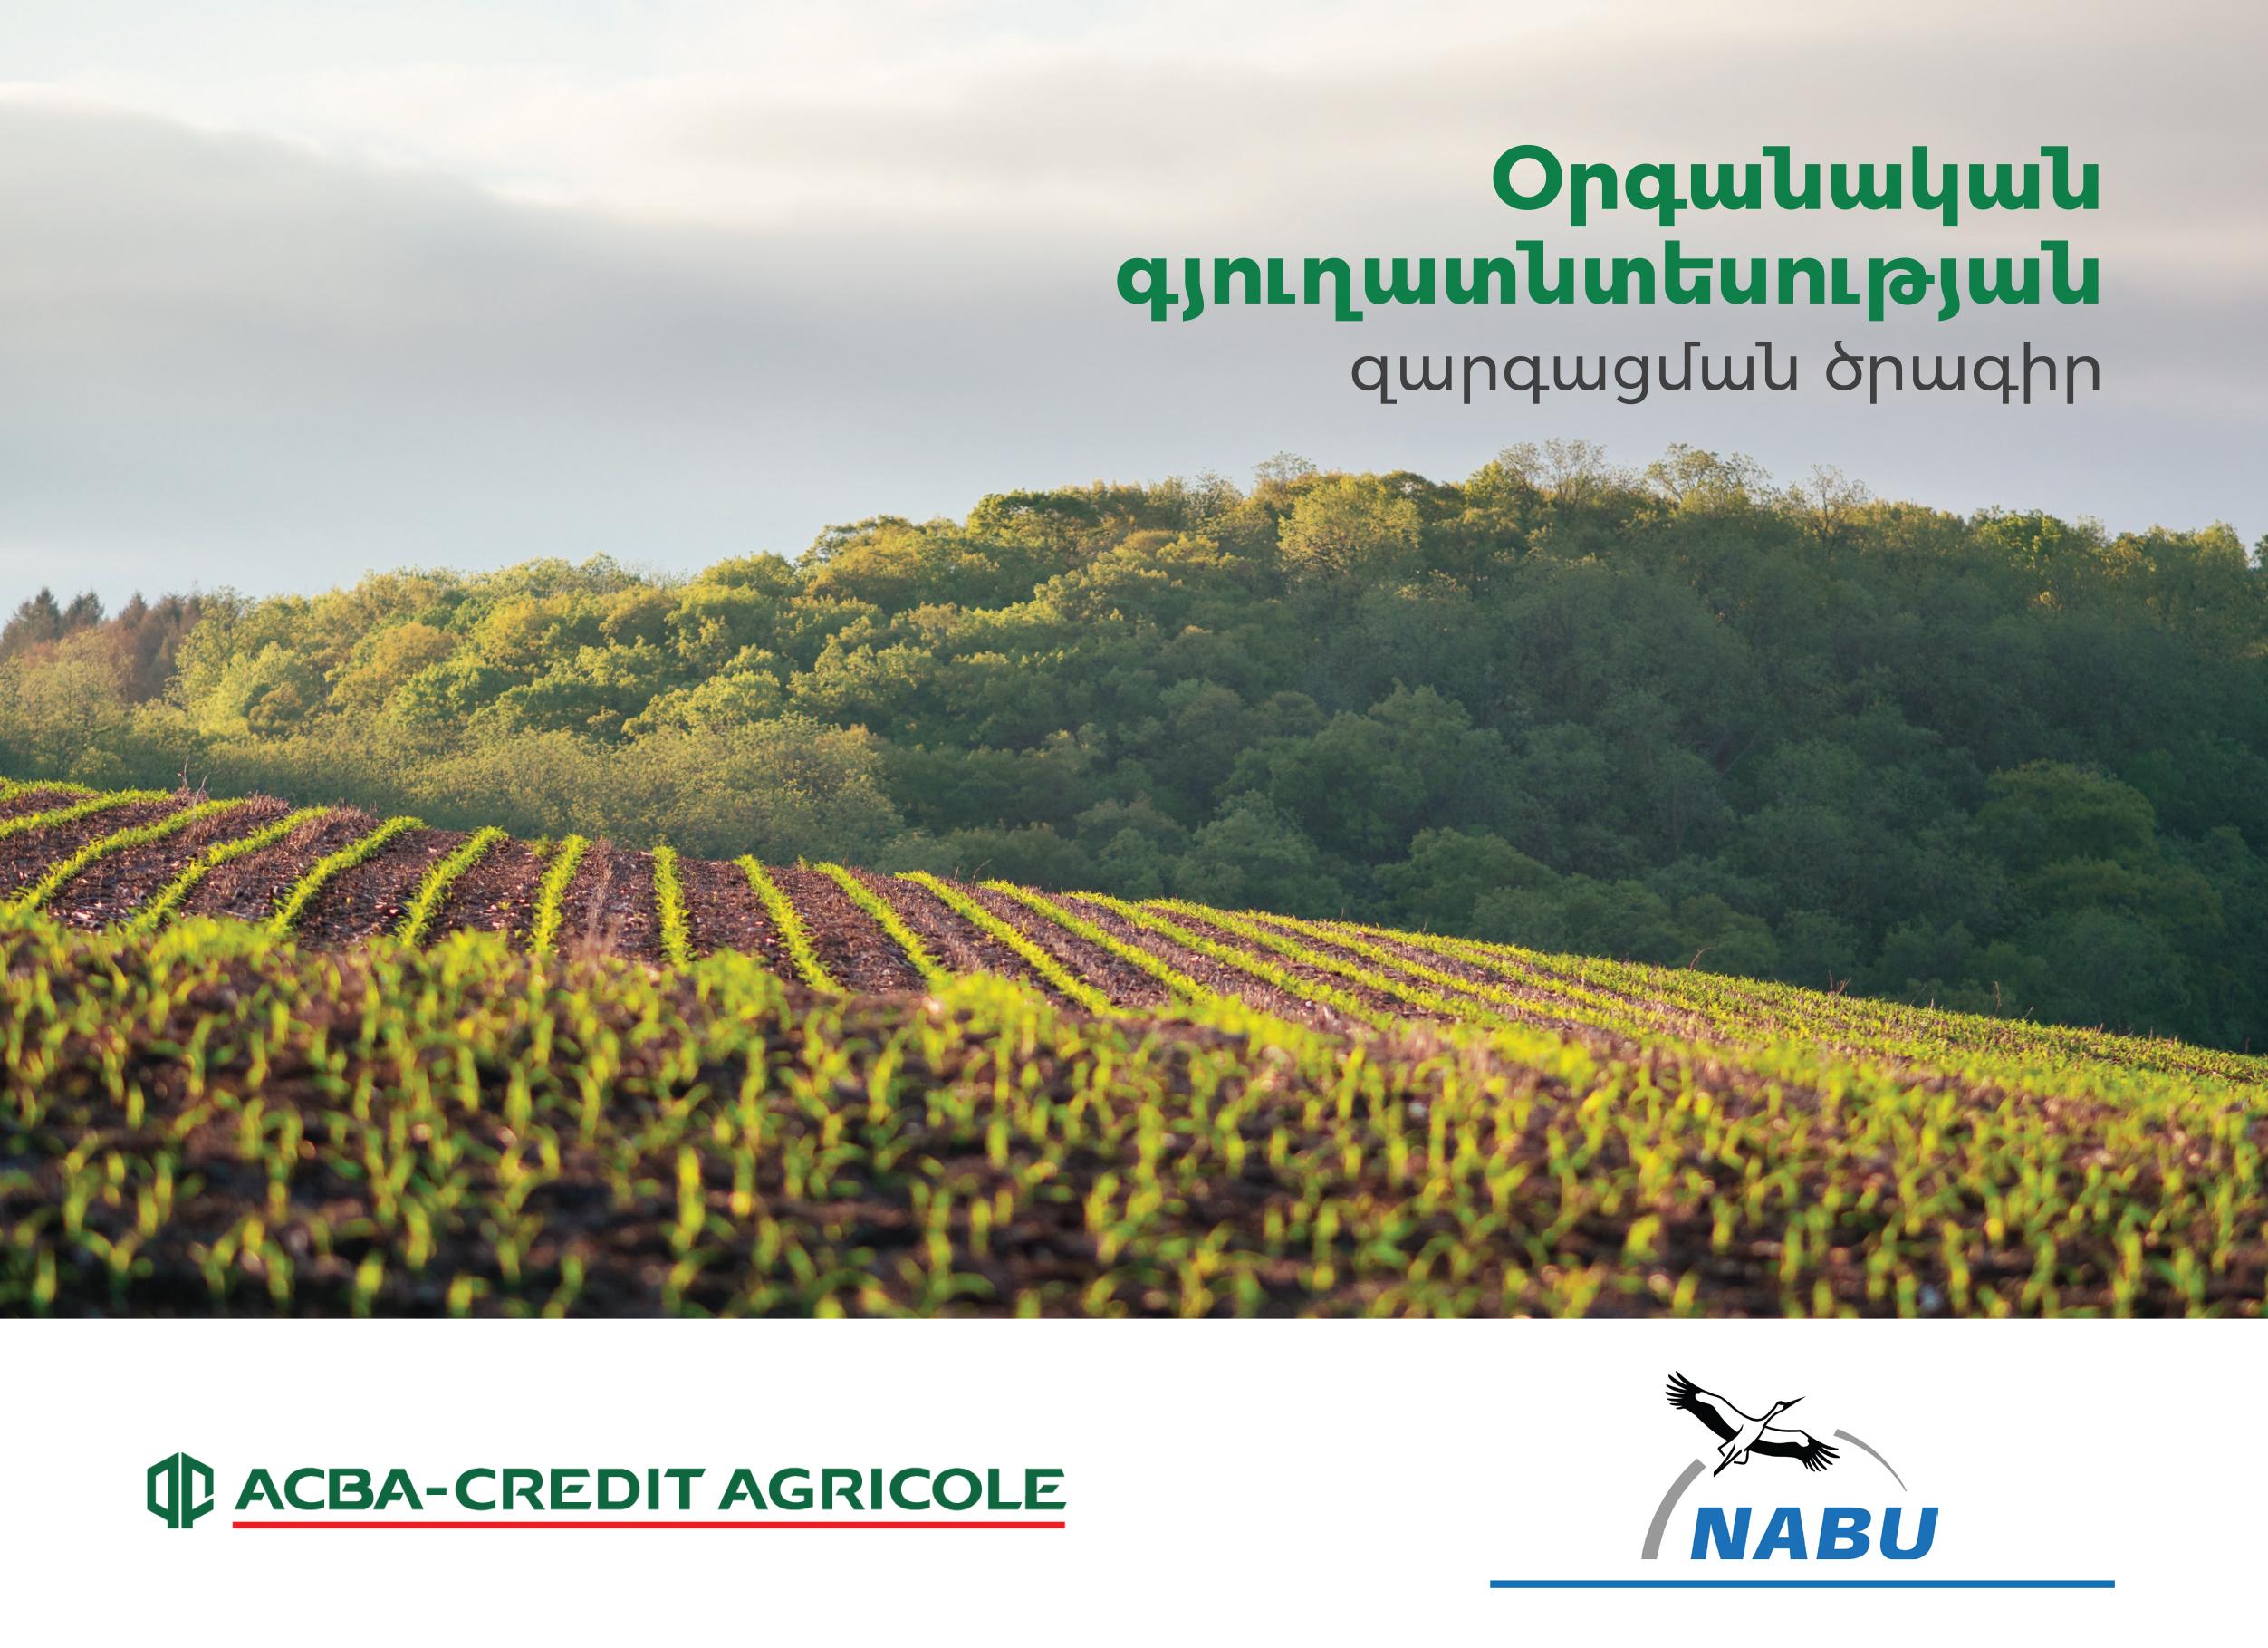 ԱԿԲԱ-ԿՐԵԴԻՏ ԱԳՐԻԿՈԼ ԲԱՆԿ. Մեկնարկում է «Օրգանական գյուղատնտեսության զարգացման» 2019-2020թթ. անվճար ծրագիրը